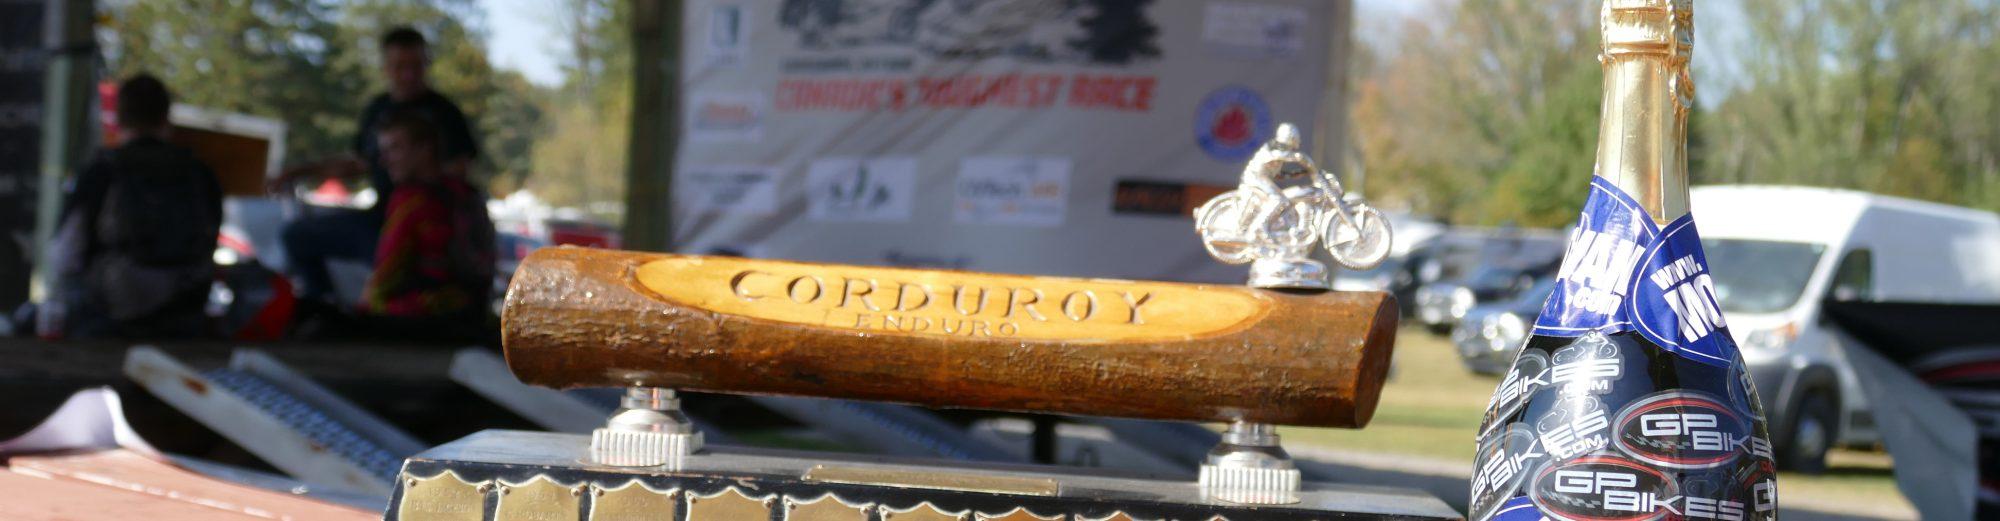 The Corduroy Enduro®